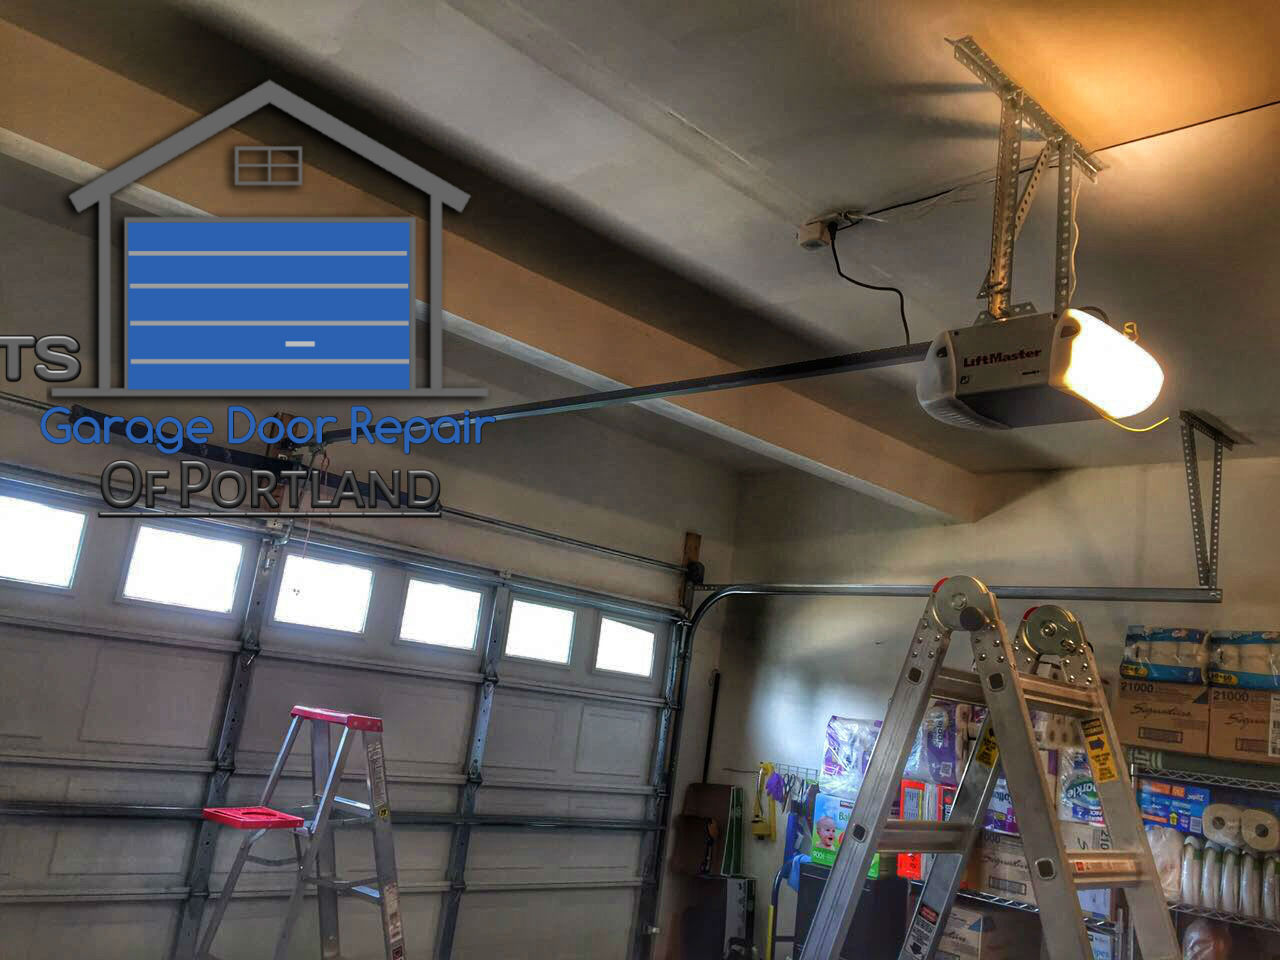 ETS Garage Door Repair Of Portland Portland Garage Door Repair By ETS  Services Is A Locally